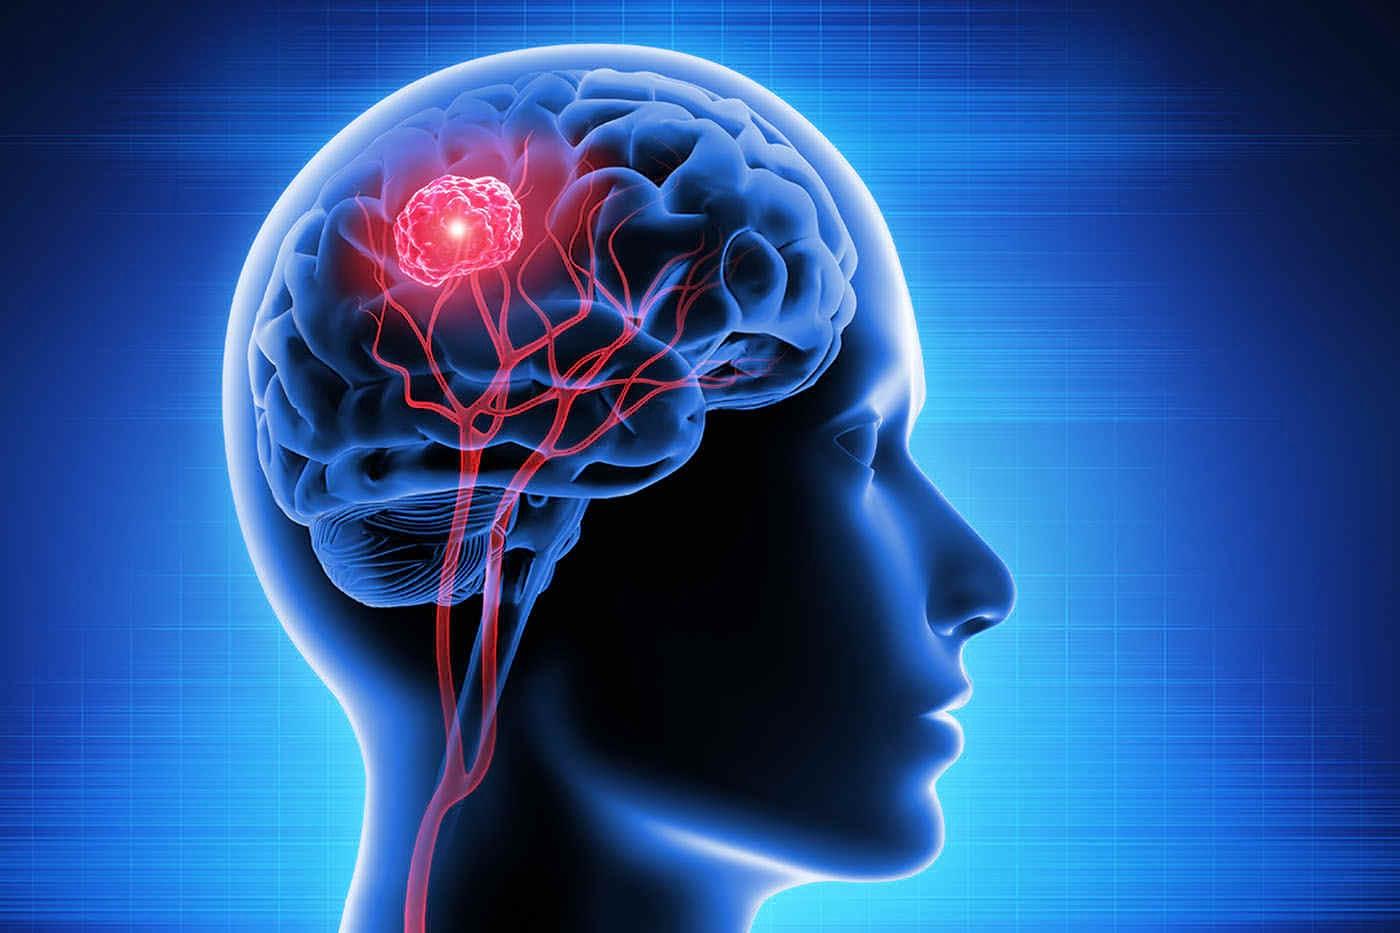 Prevenția apariției metastazelor cerebrale în cancerul mamar - cât de aproape suntem?